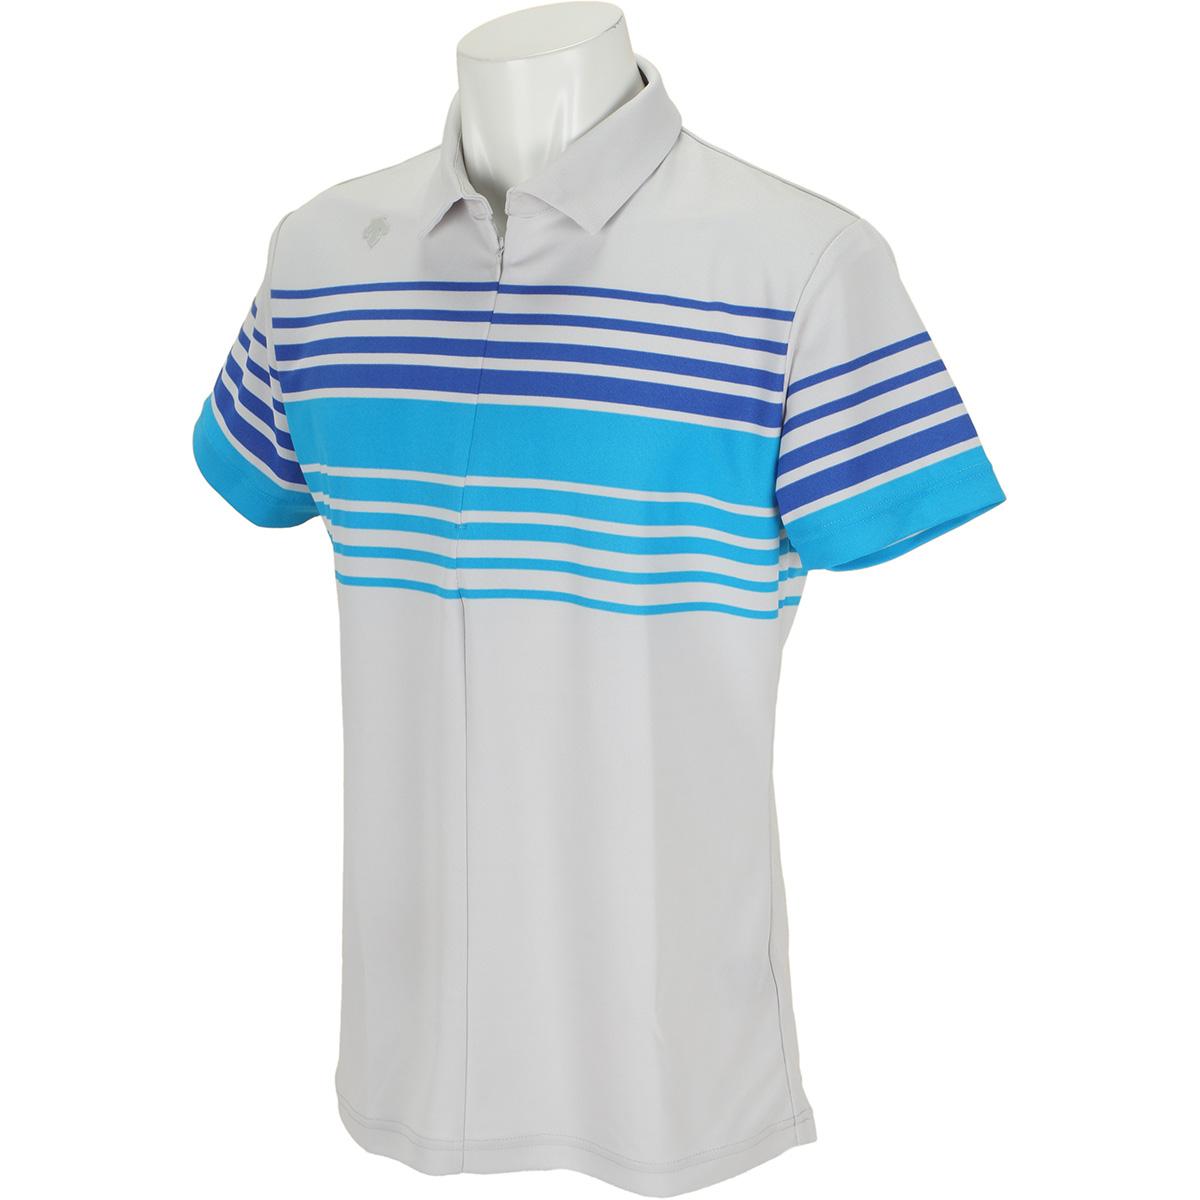 パネルボーダープリント 半袖ポロシャツ